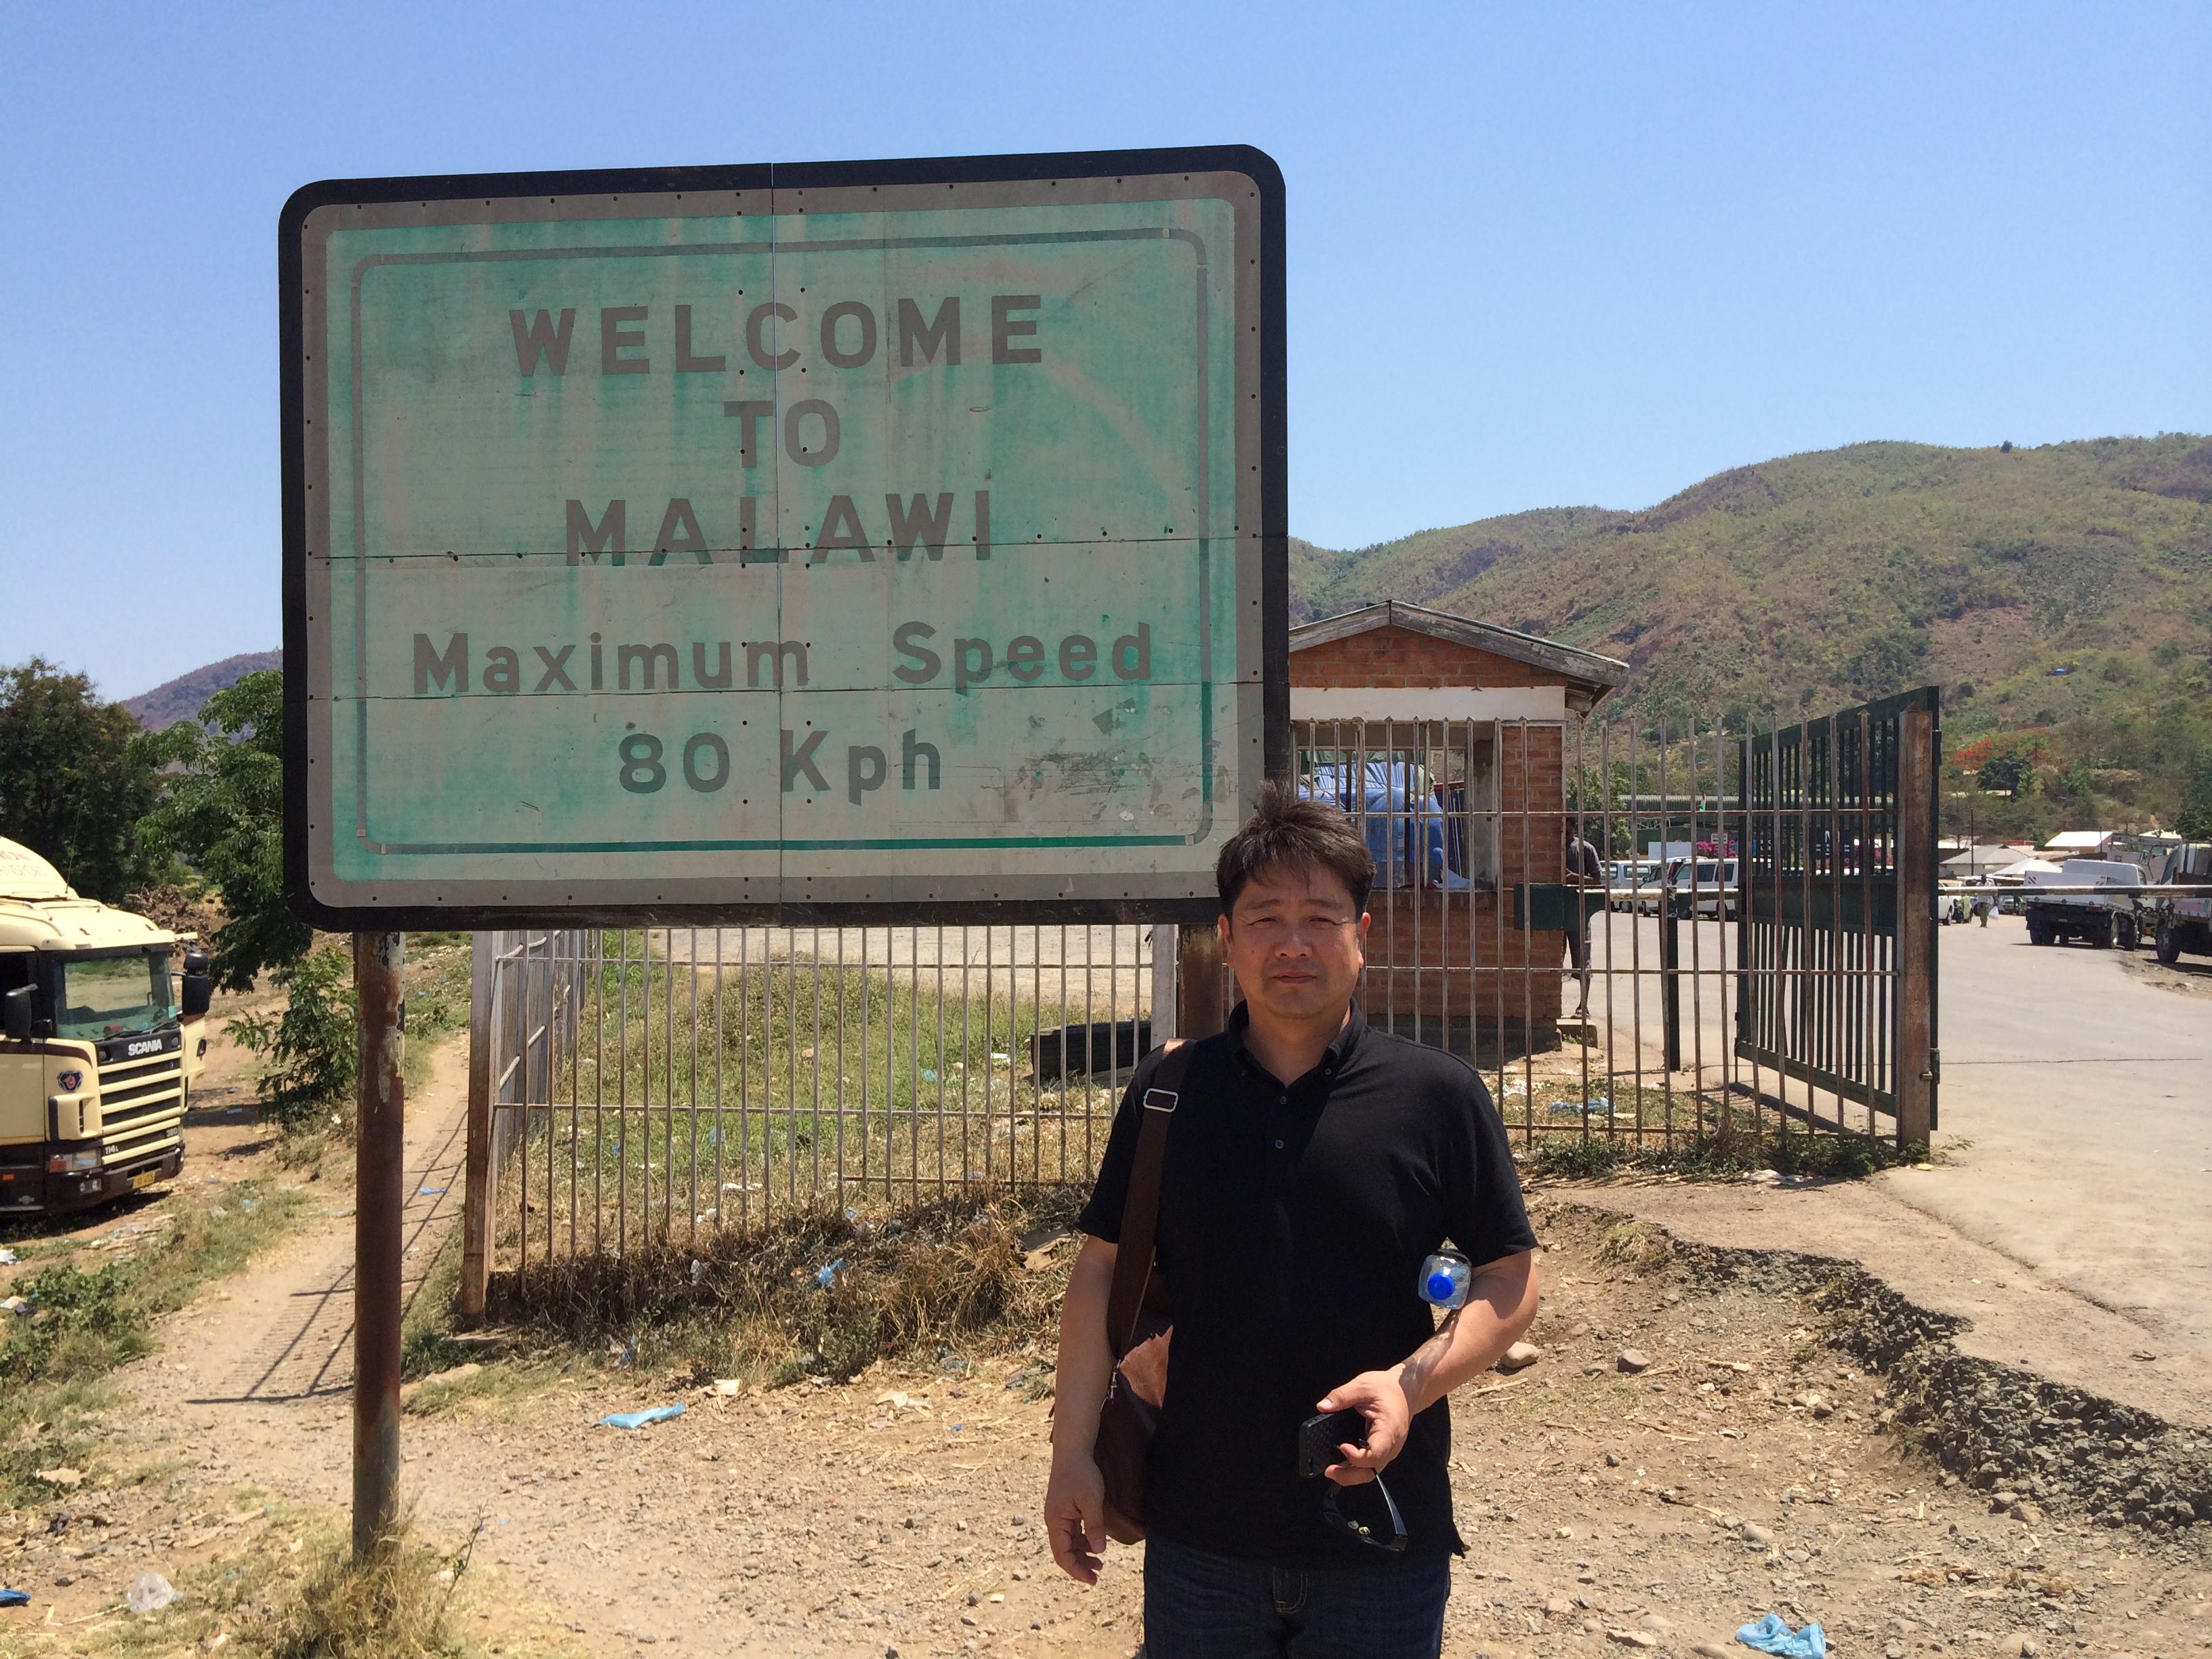 マラウィ国境視察